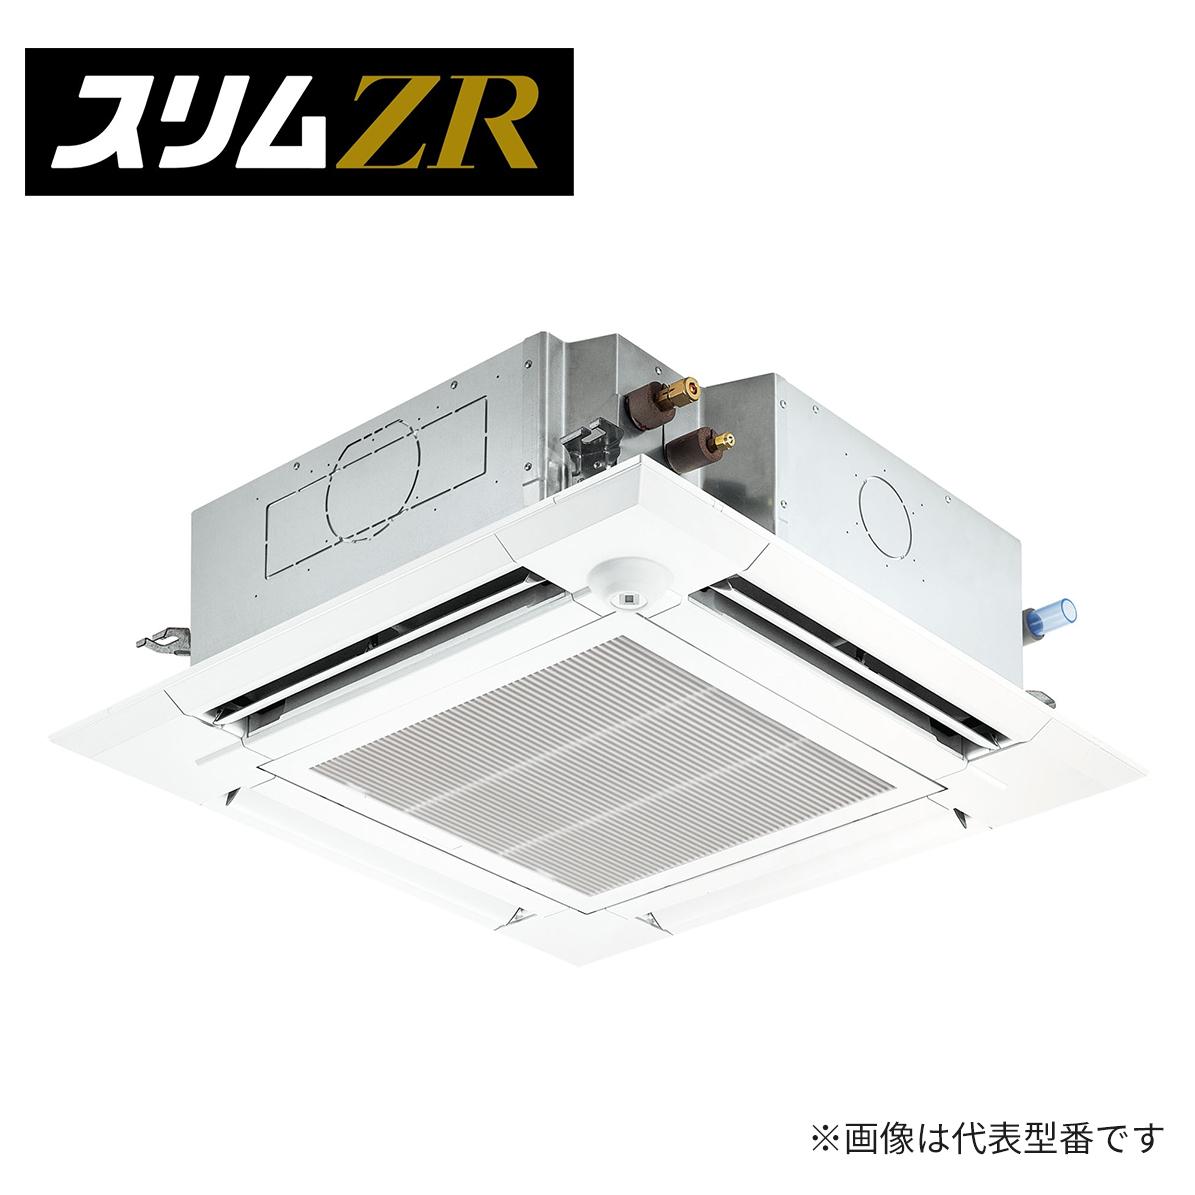 ###三菱 業務用エアコン【PLZ-ZRMP56ELFR】スリムZR 4方向天井カセット形(ファインパワーカセット) 標準シングル ワイヤレス 三相200V 2.3馬力